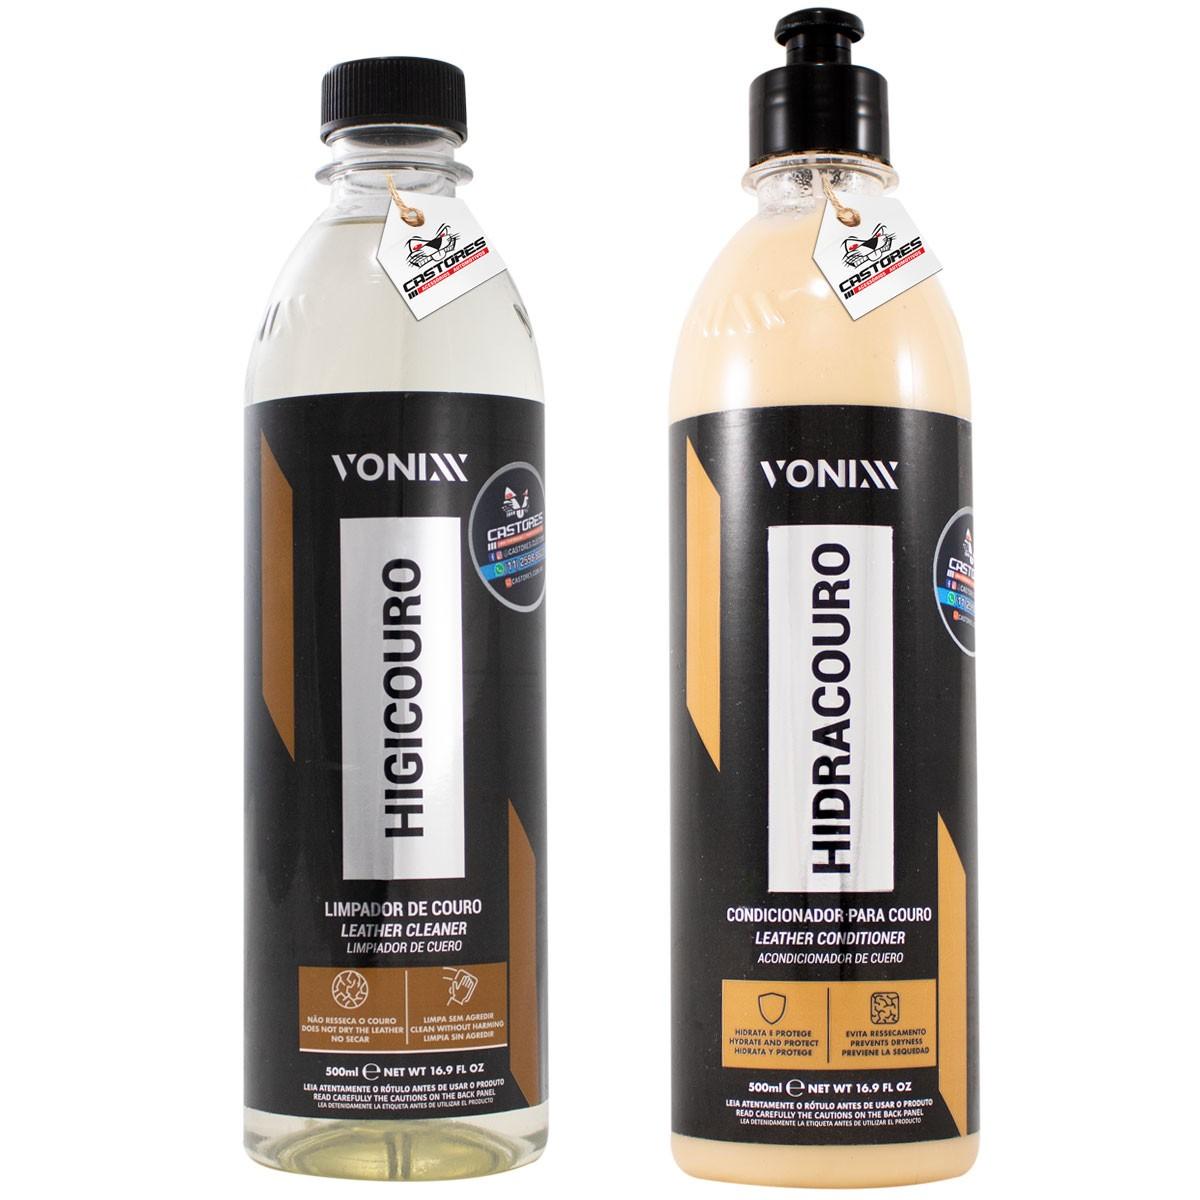 Kit Limpeza e Hidratação de couro Higicouro Hidracouro Vonixx 500ml